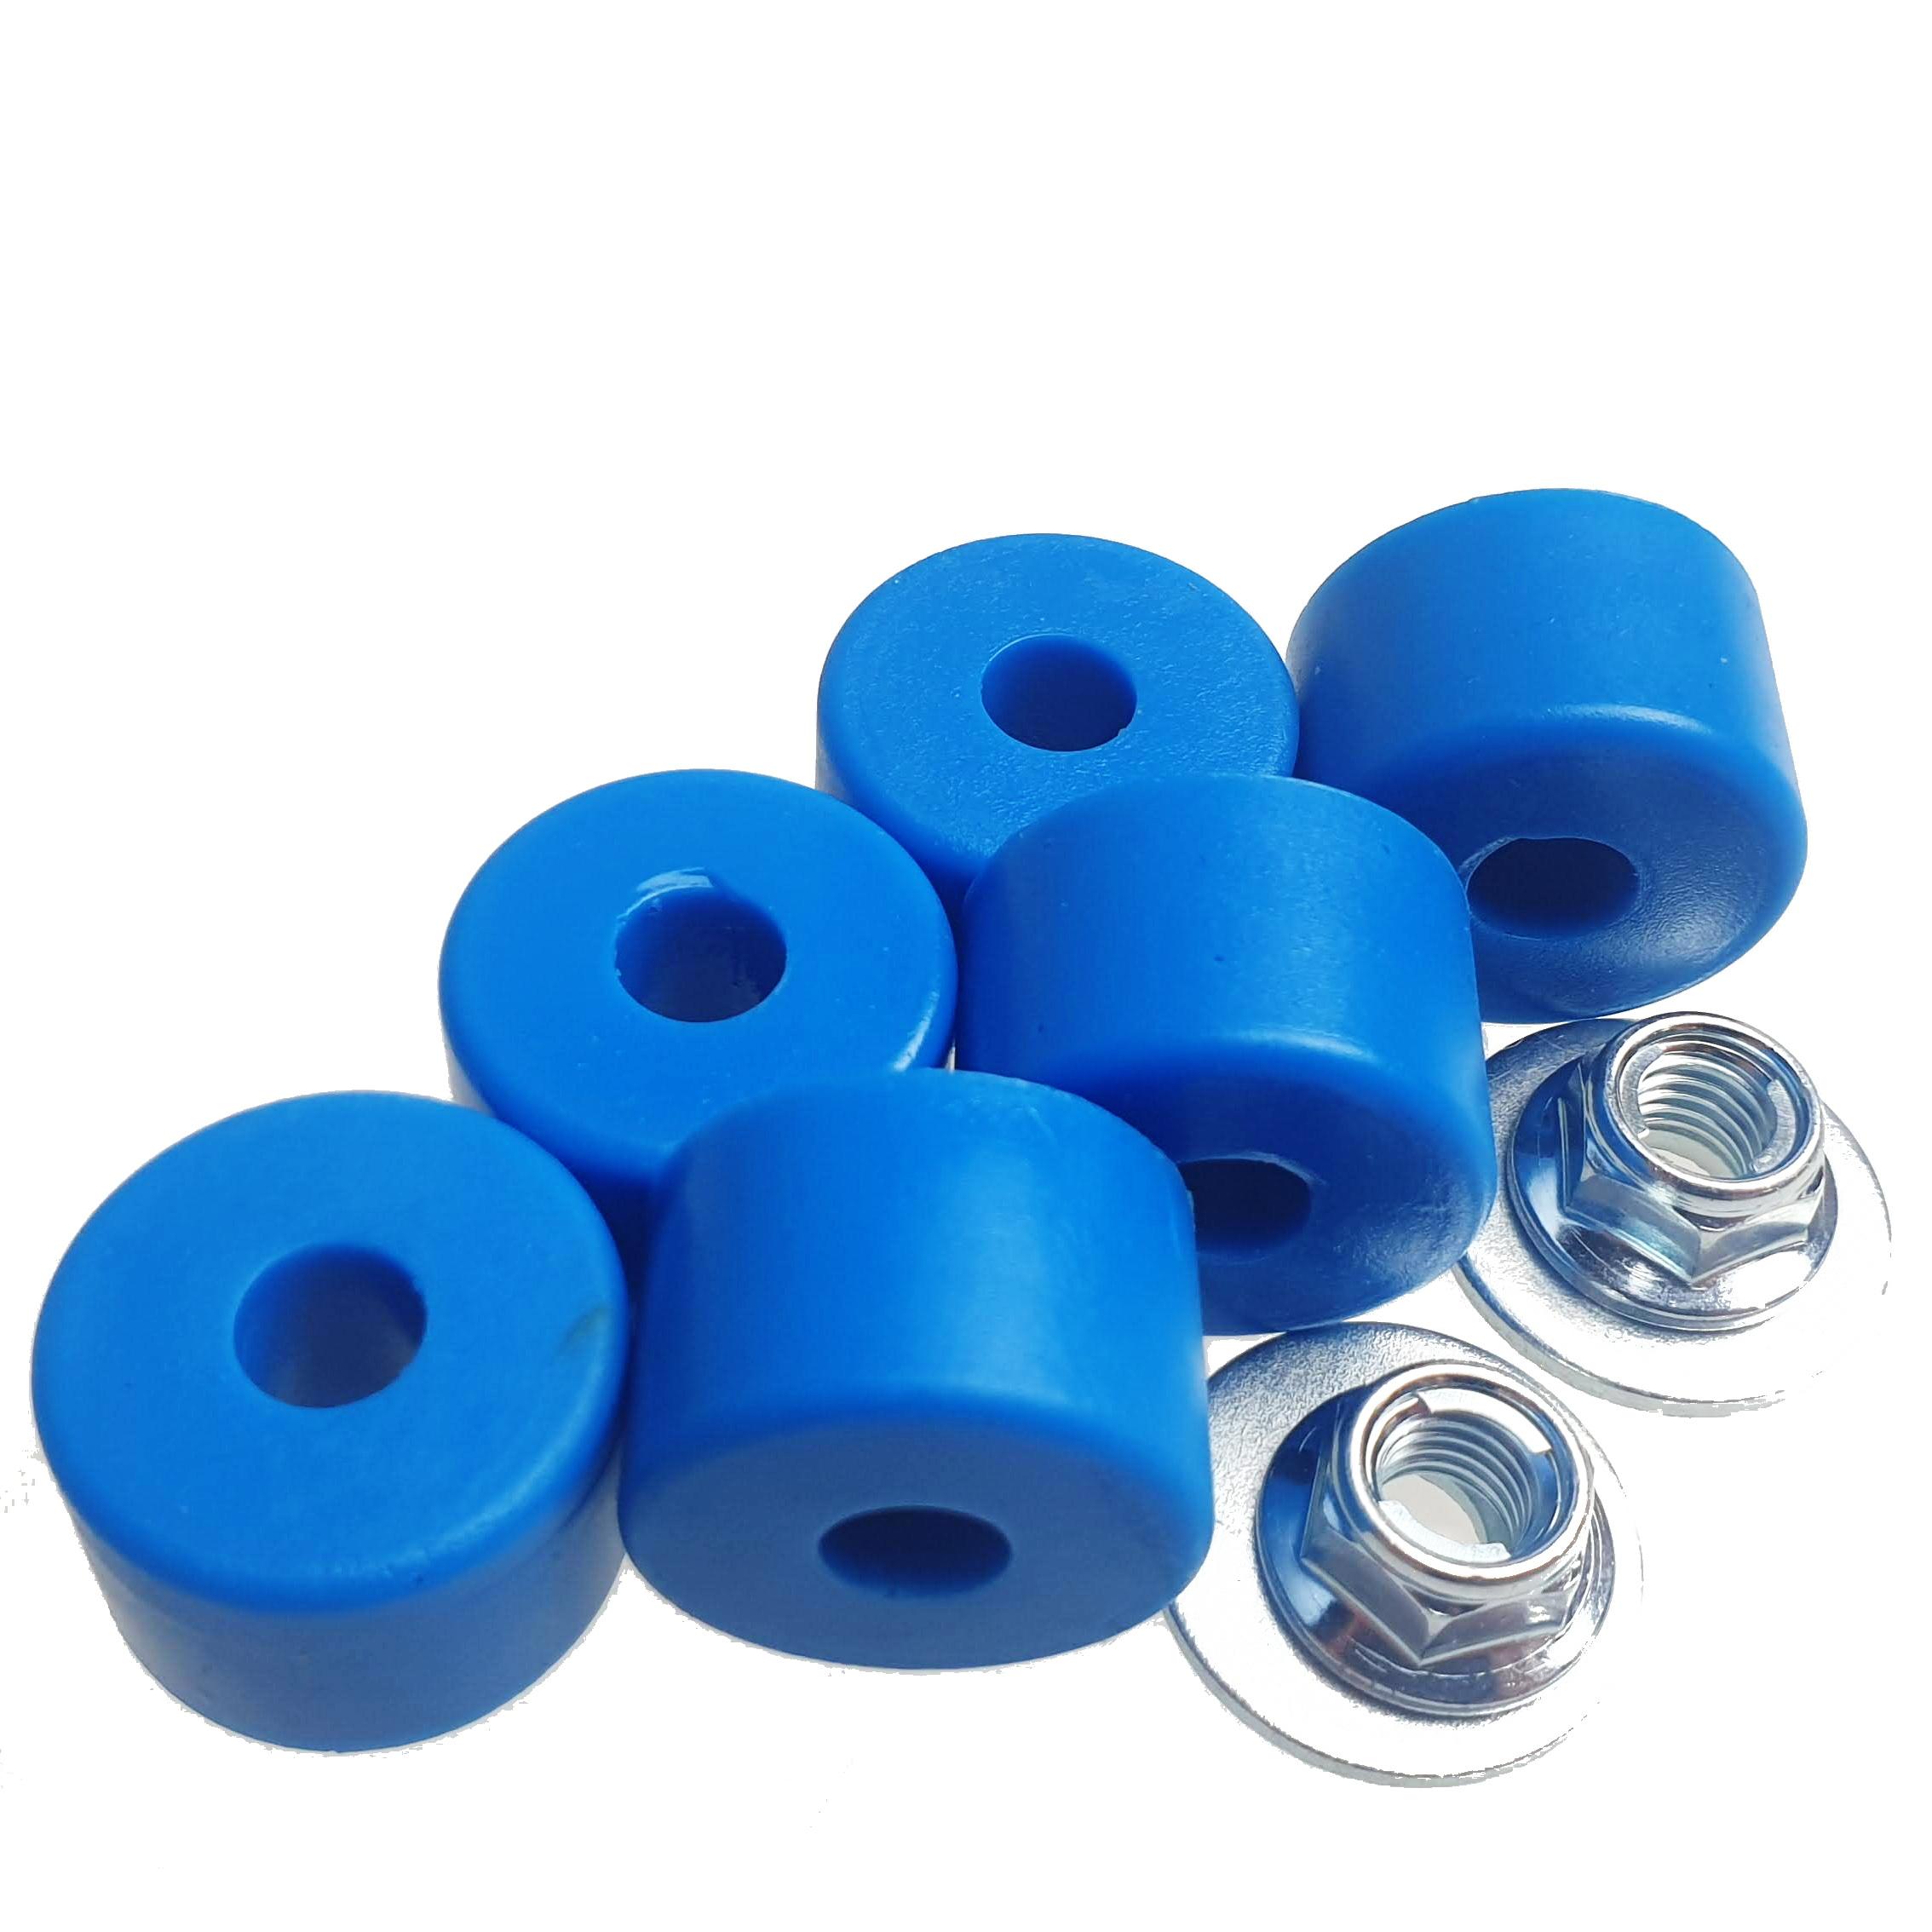 Náhradní elastomery (3 páry), modré